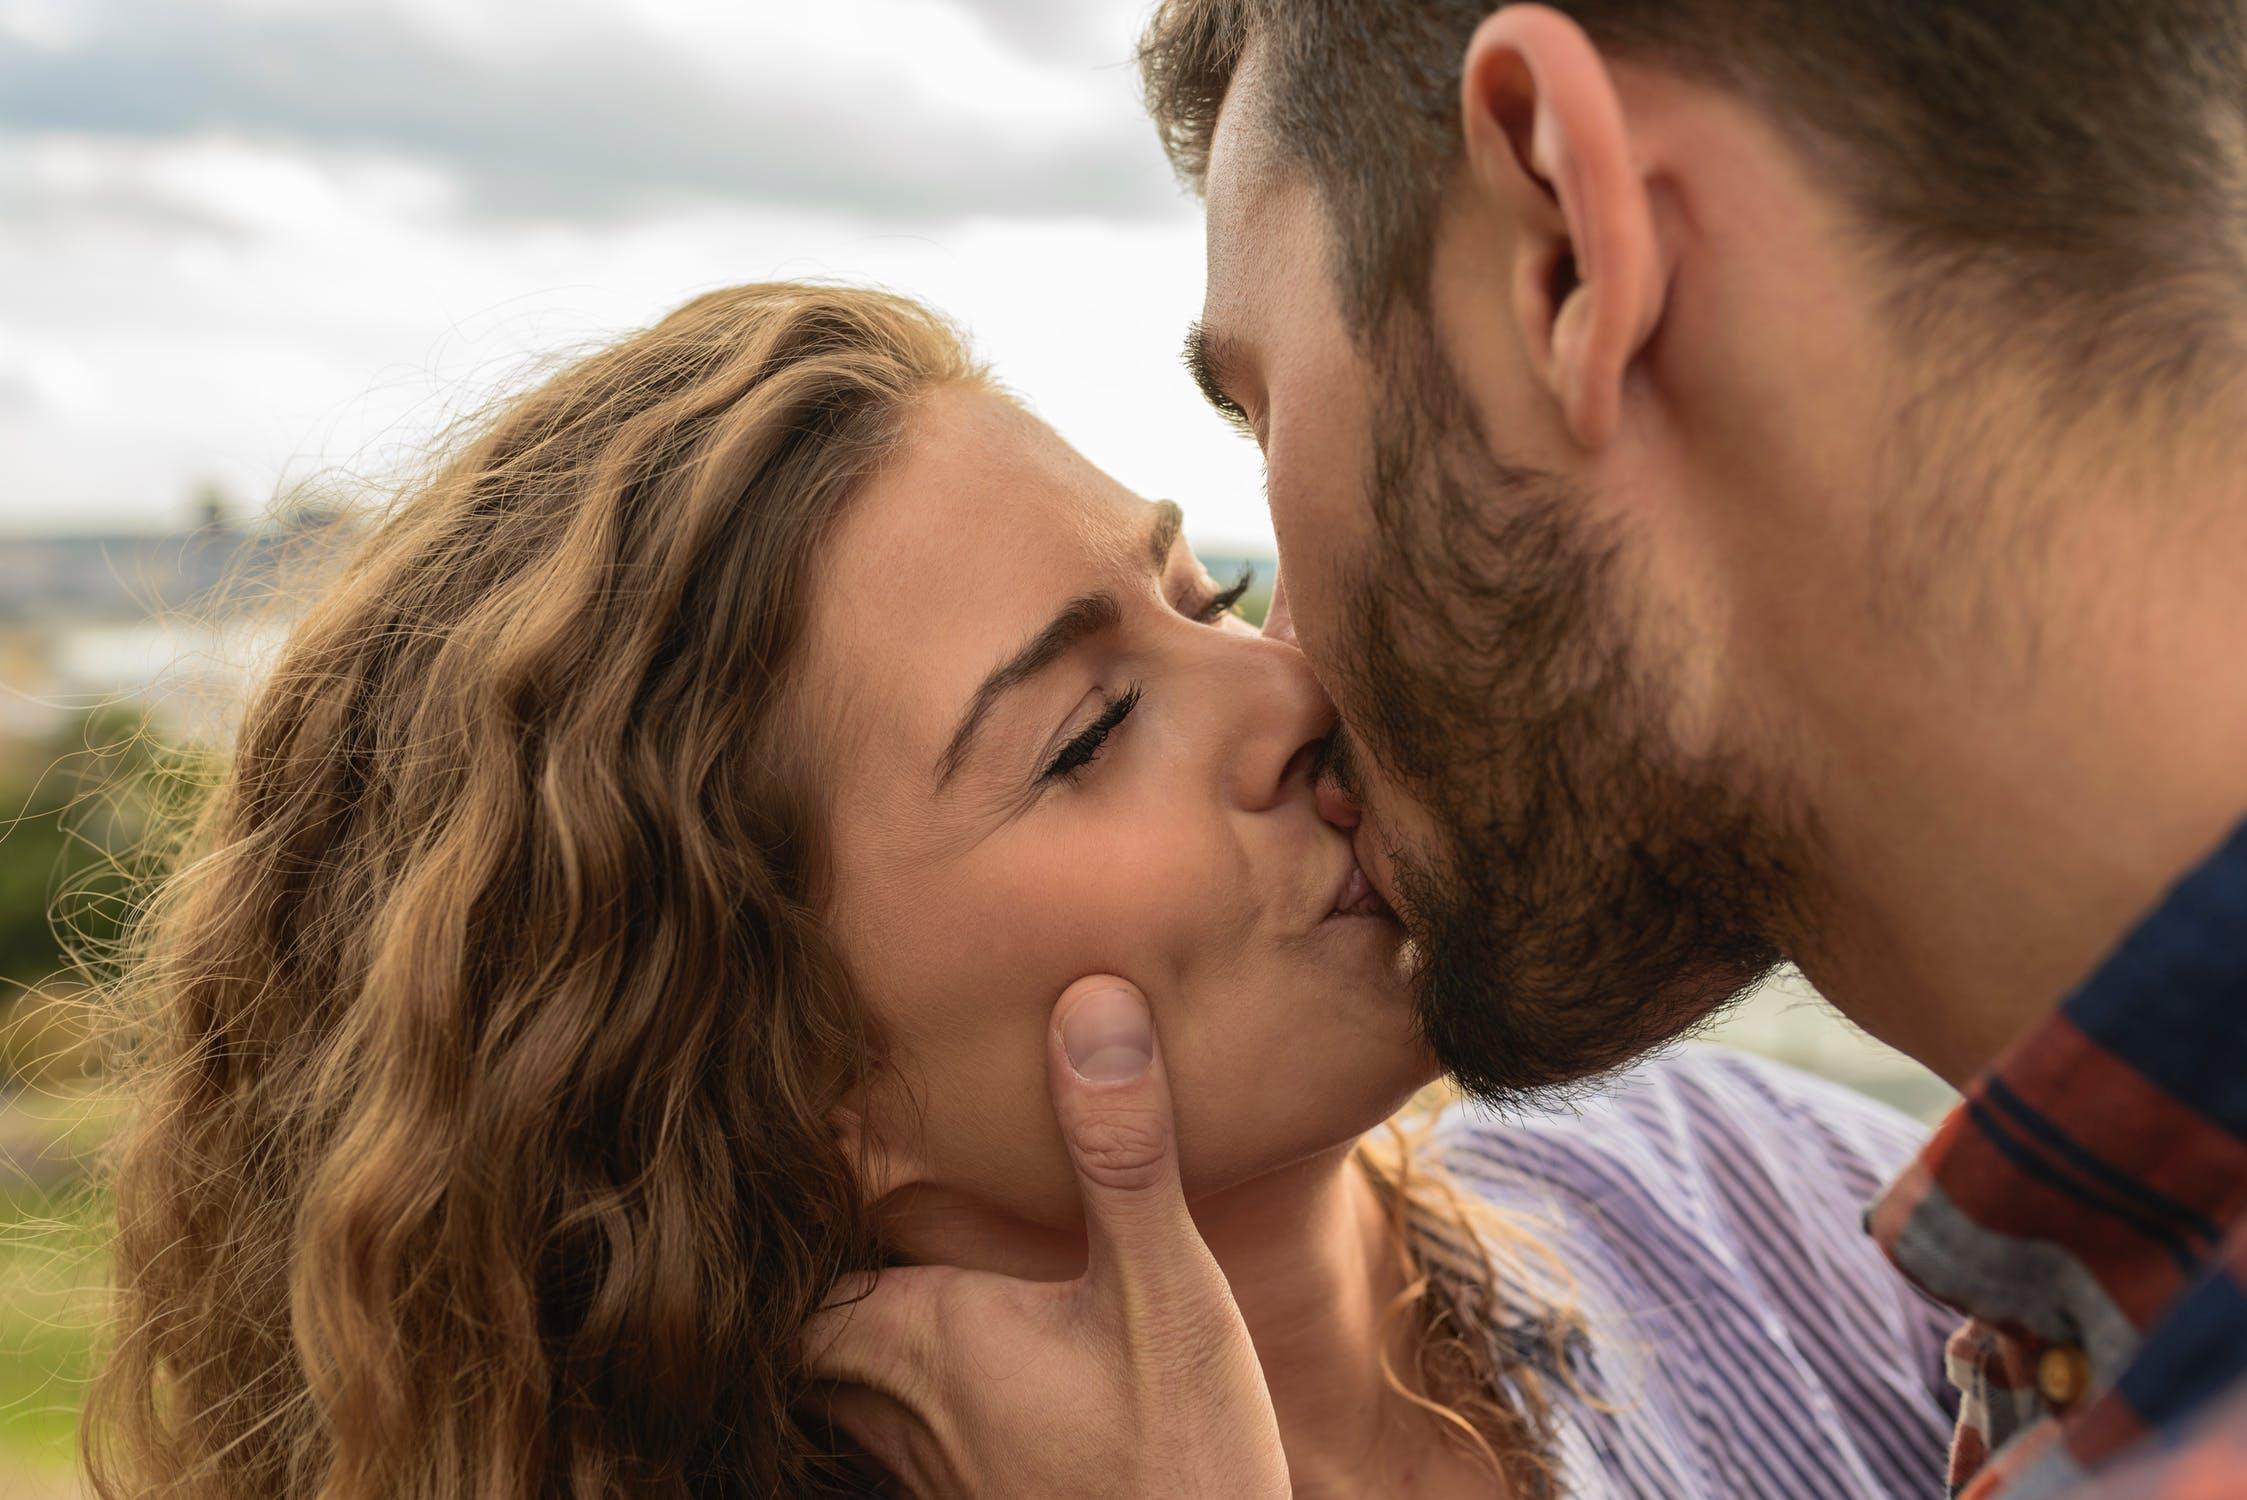 Perchè gli uomini amano le donne complicate?